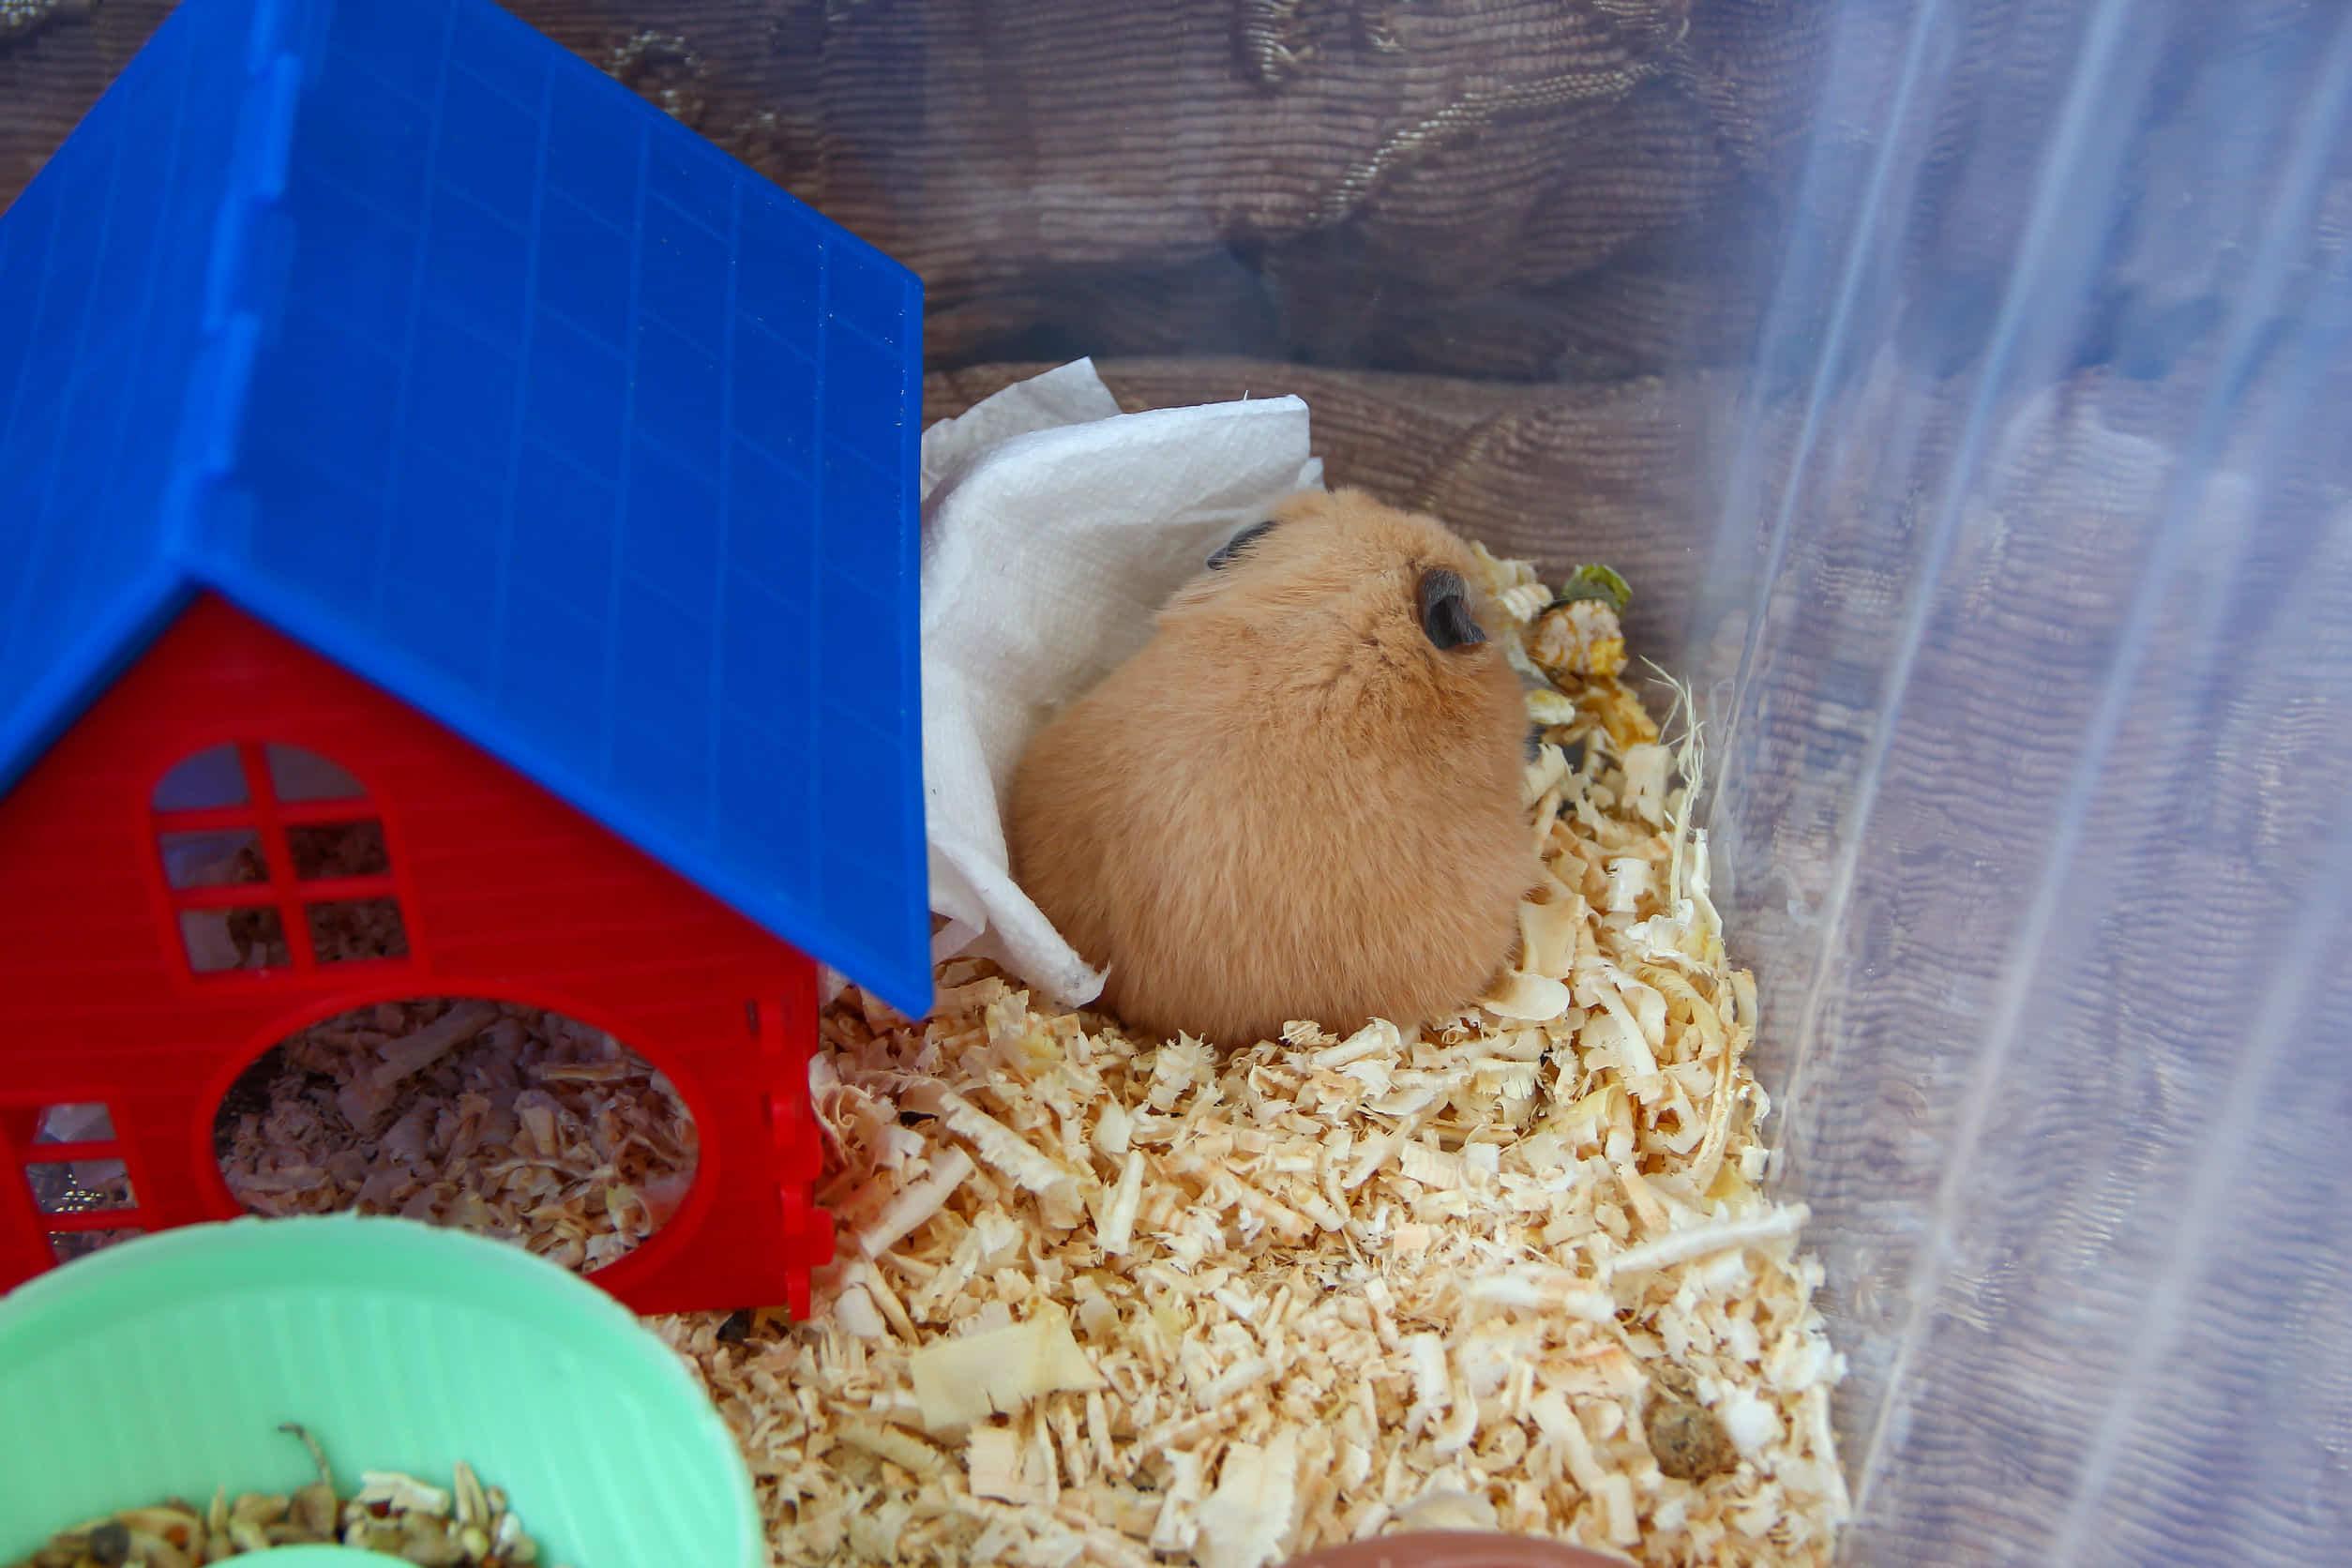 ハムスターがずっと寝ている。睡眠時間とサイクルを紹介!お世話をするタイミングは?